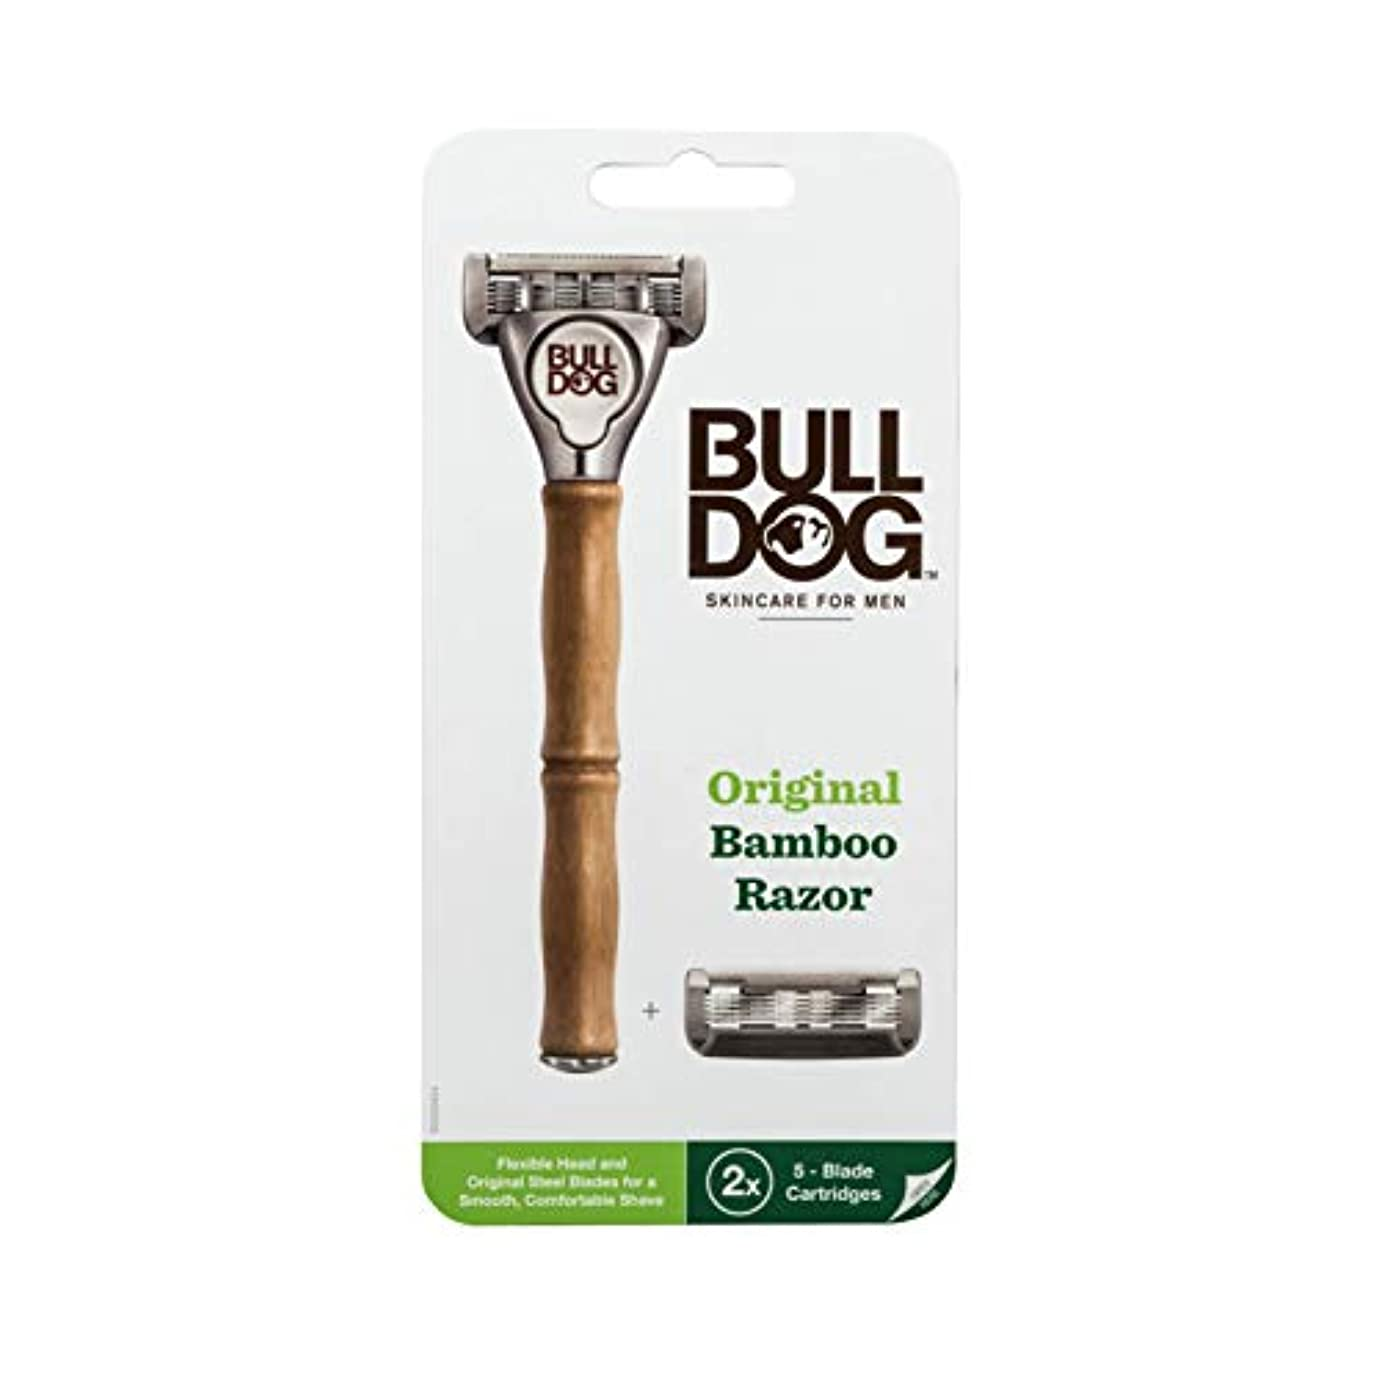 関係する飼いならす美徳ブルドッグ Bulldog 5枚刃 オリジナルバンブーホルダー 水に強い竹製ハンドル 替刃 2コ付 男性カミソリ